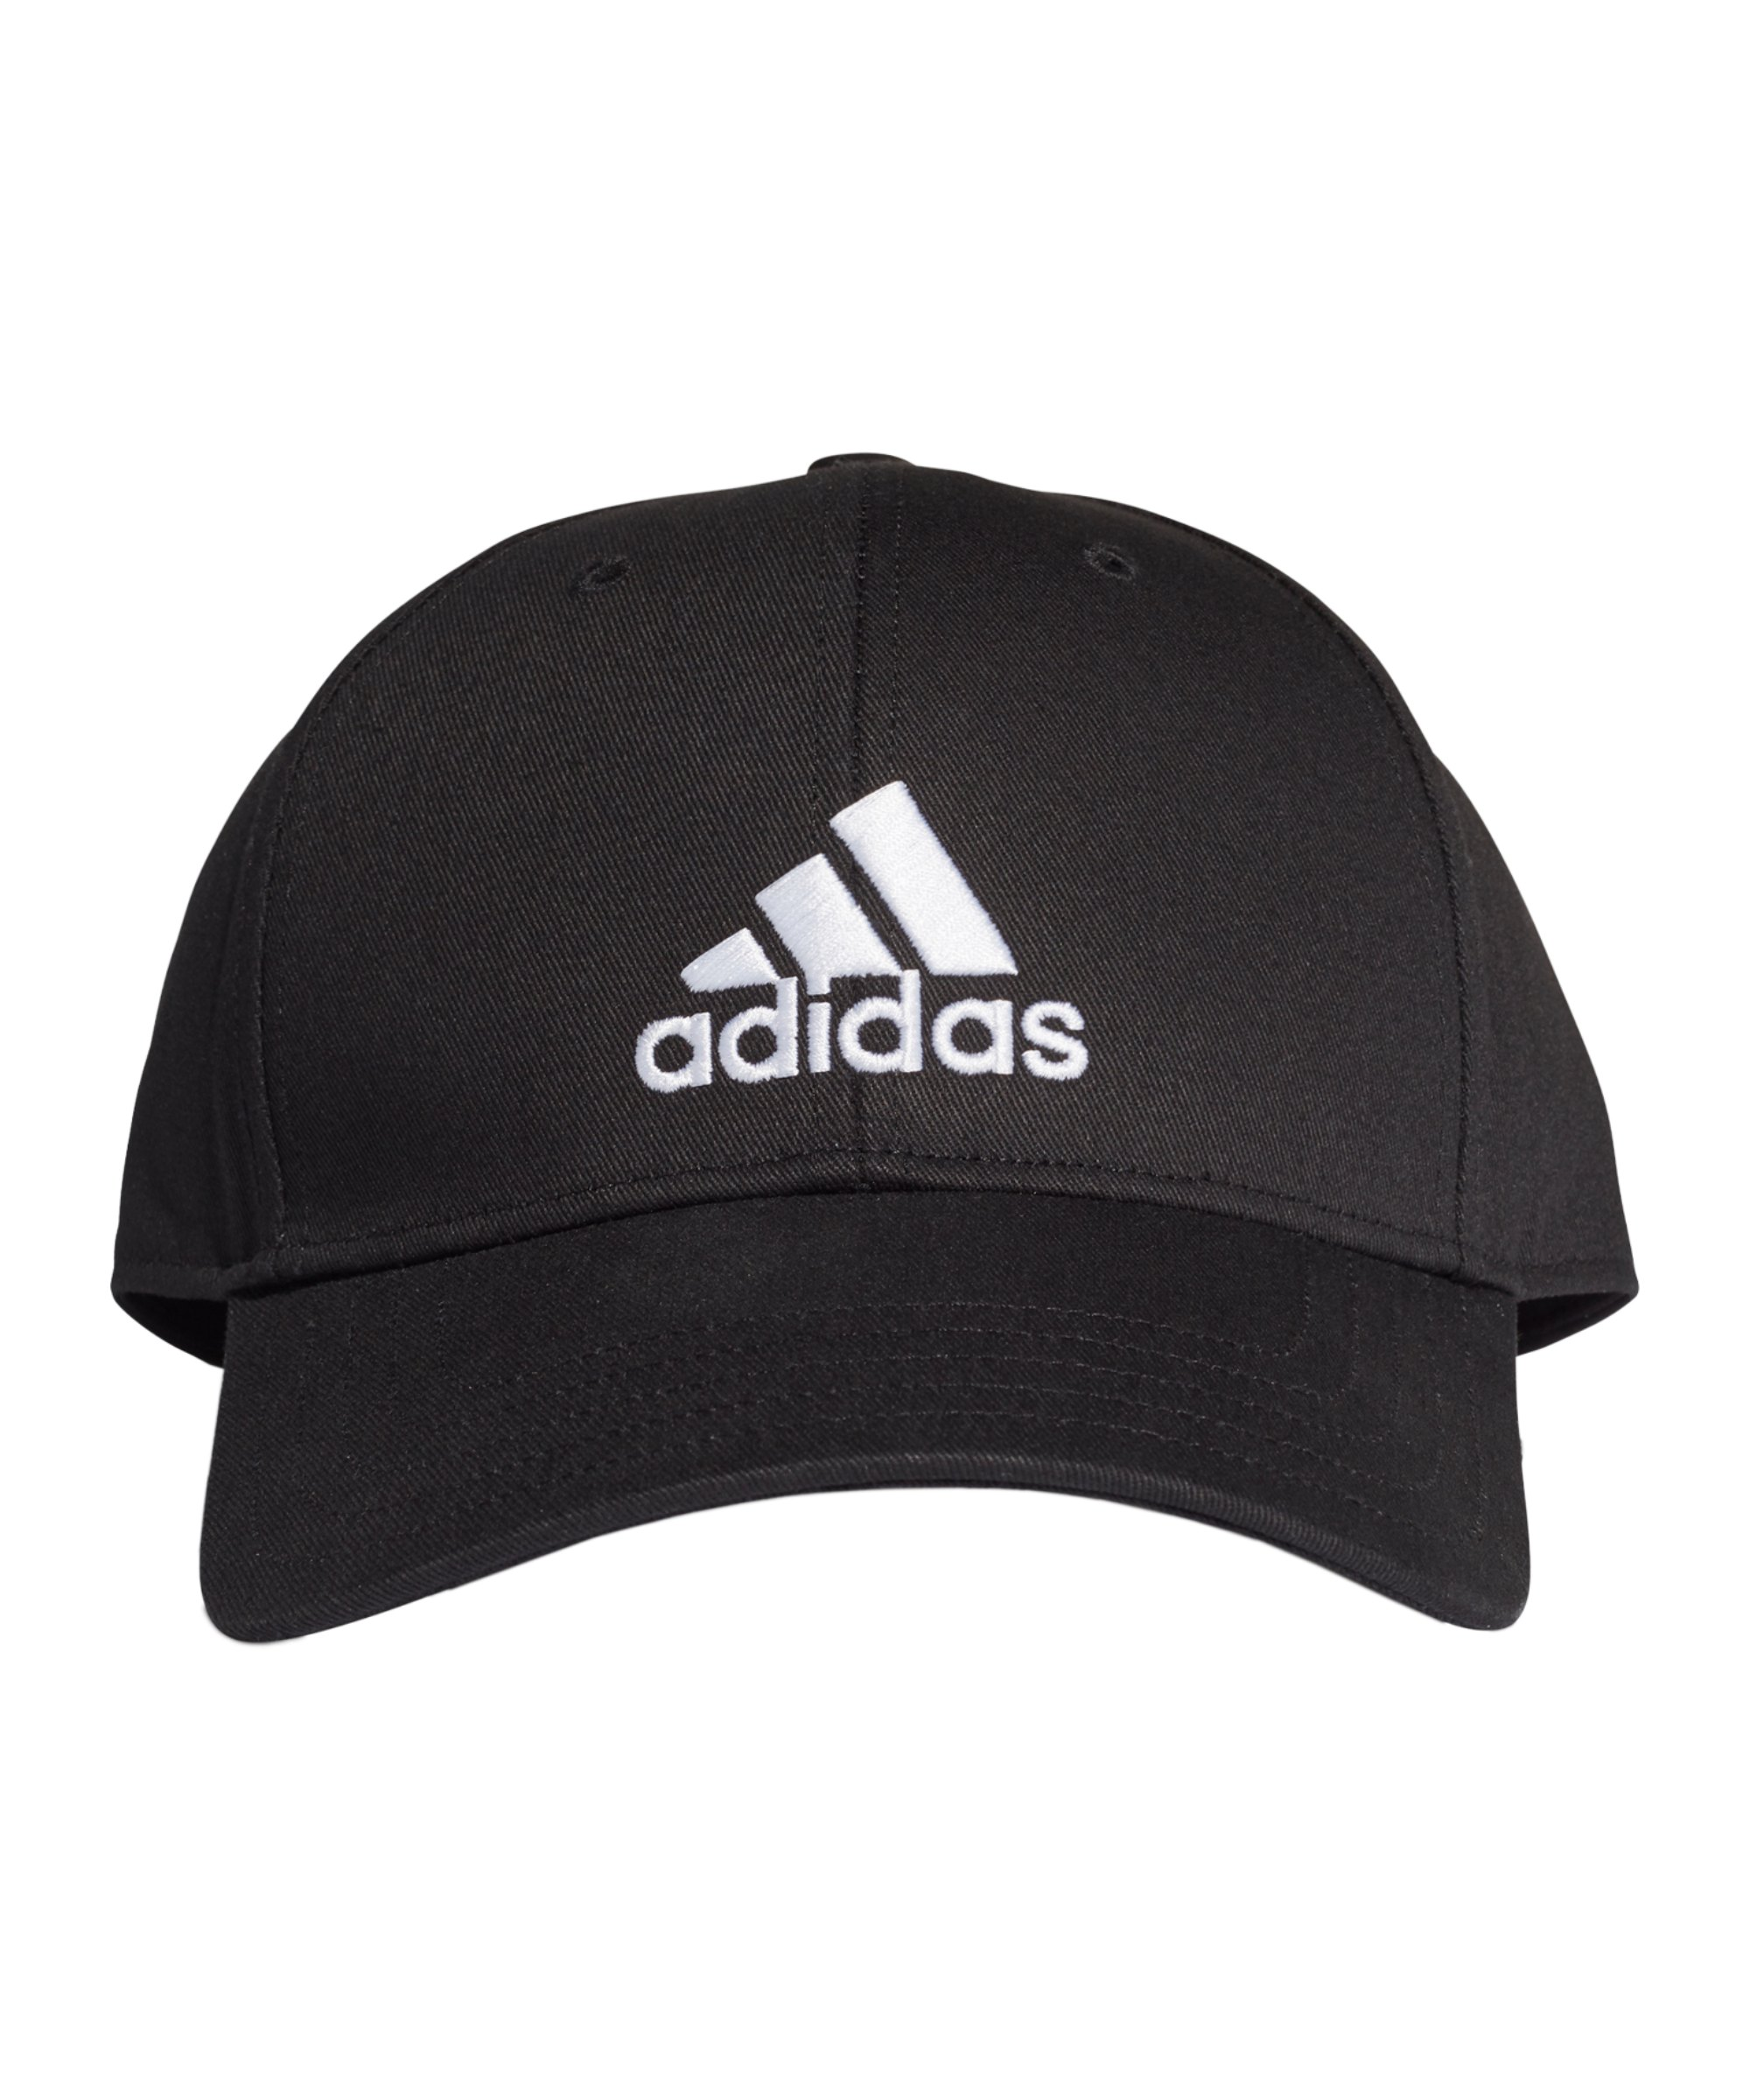 adidas Baseball Cap Kappe Schwarz Weiss - schwarz